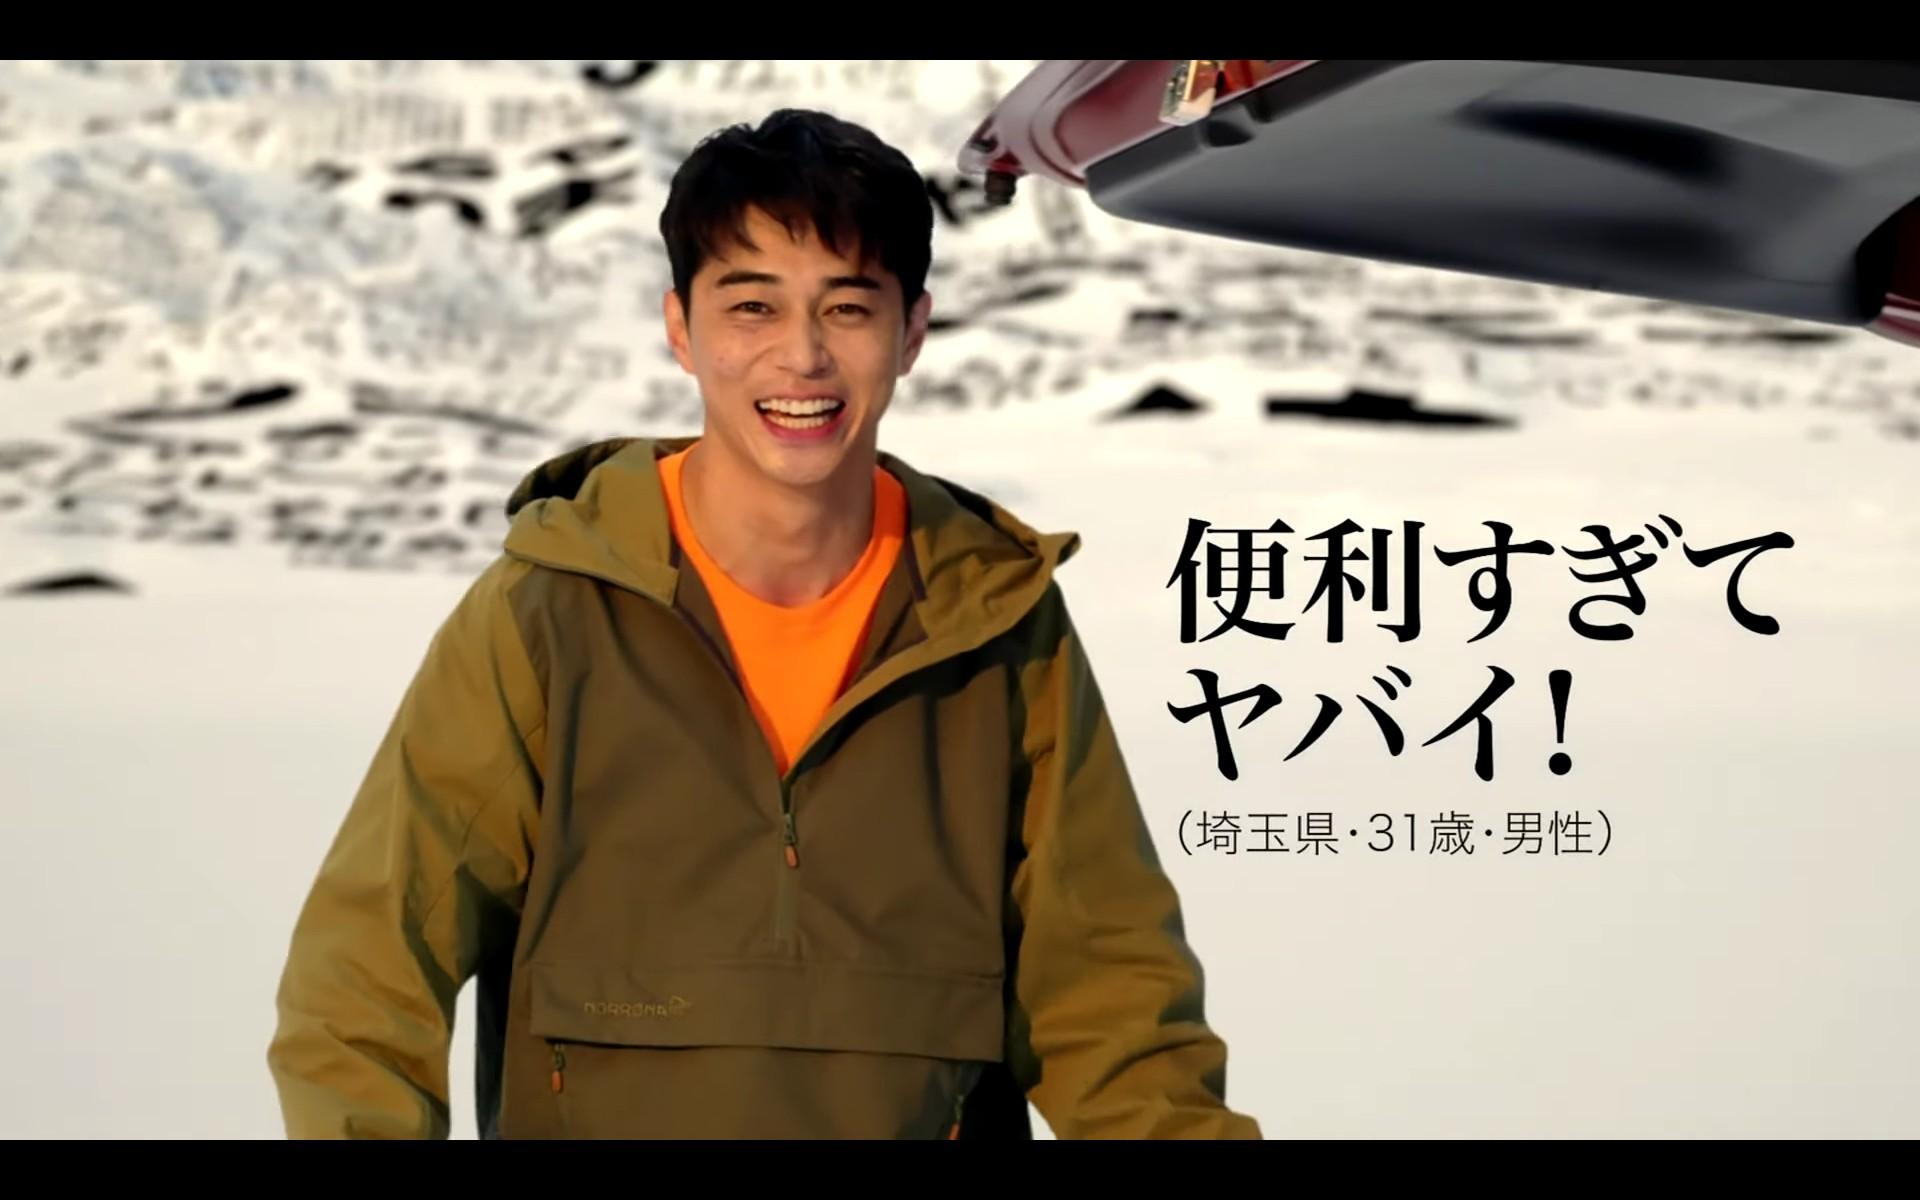 【芸能】不倫 東出昌大 ホンダ「フリード」CM動画削除